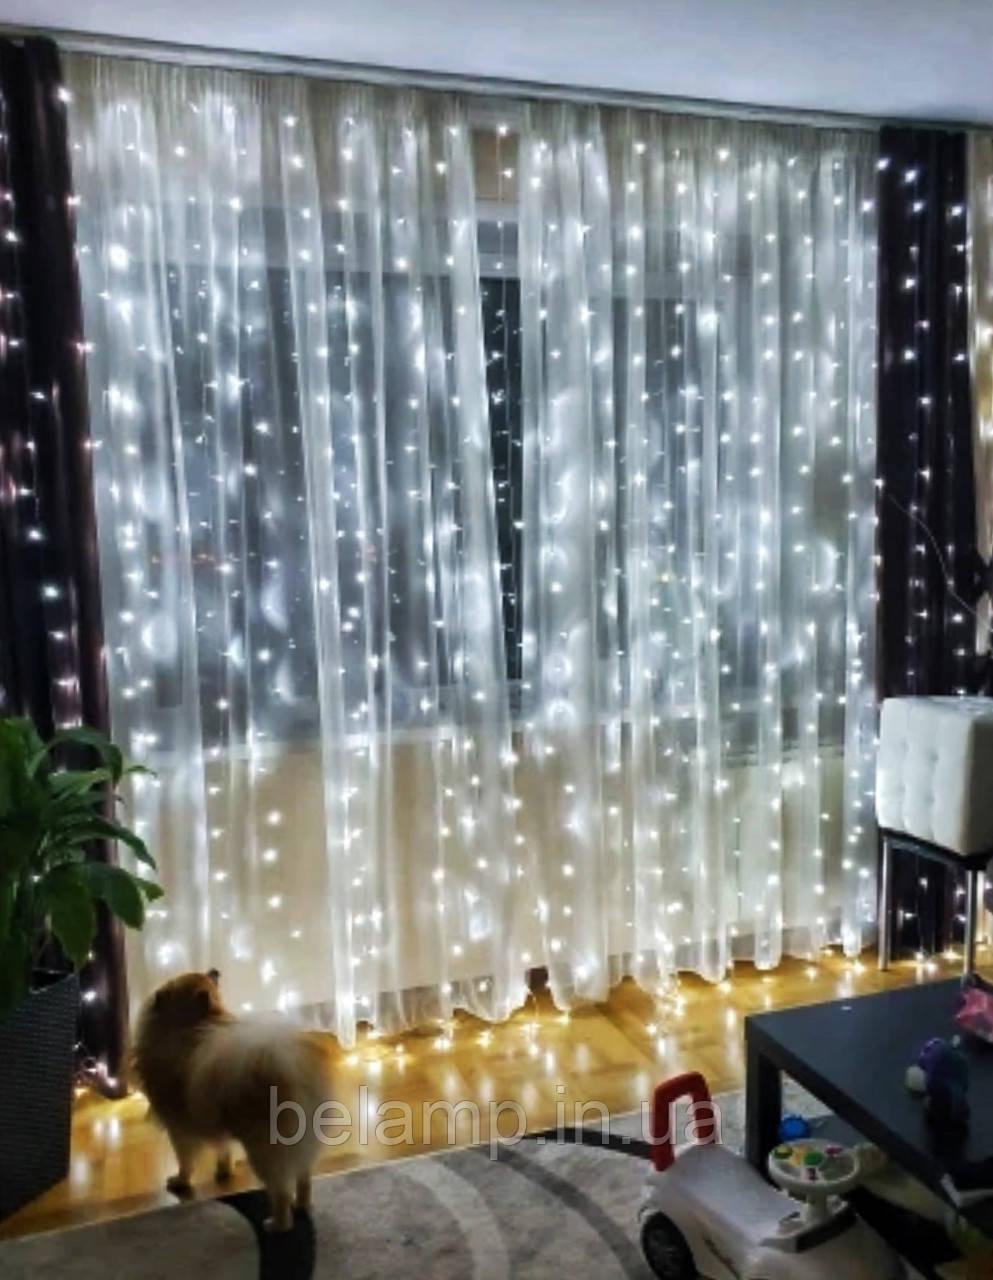 Новогодняя гирлянда штора на окно «Белоснежная»